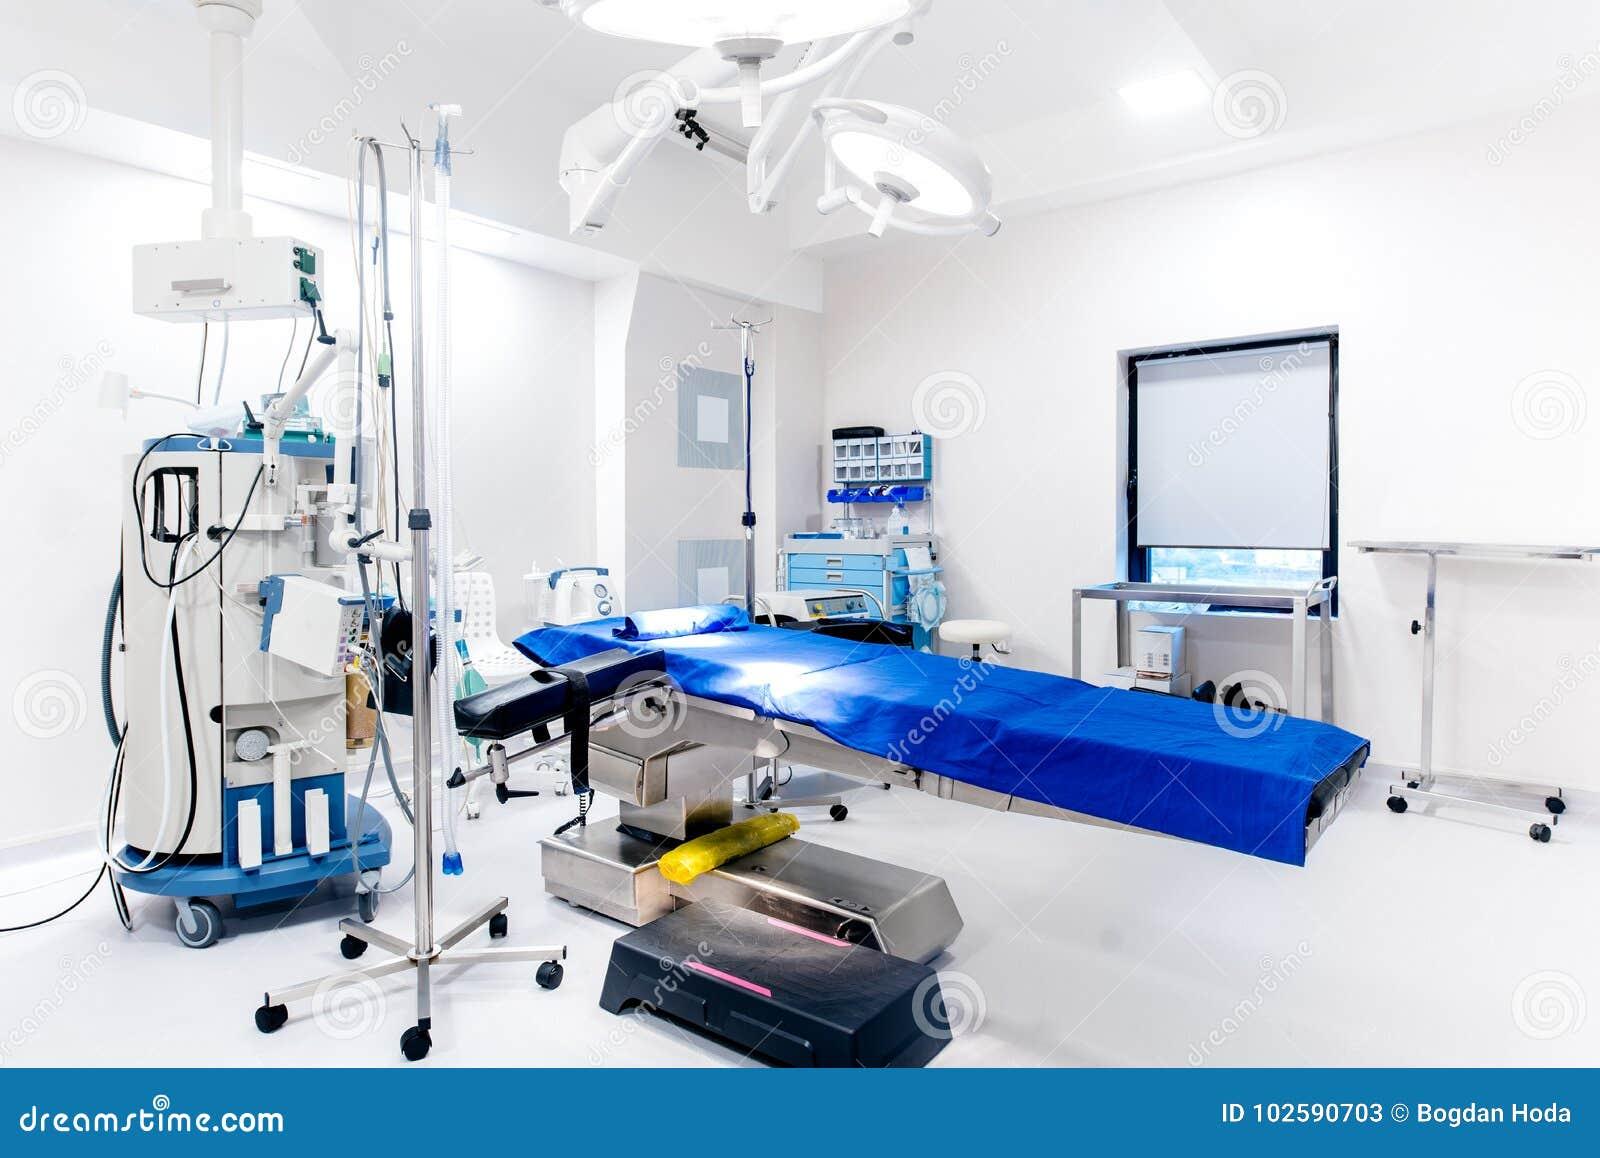 Tomt fungeringsrum, service för livomsorg, operationsbord, lampor och medicinsk utrustning